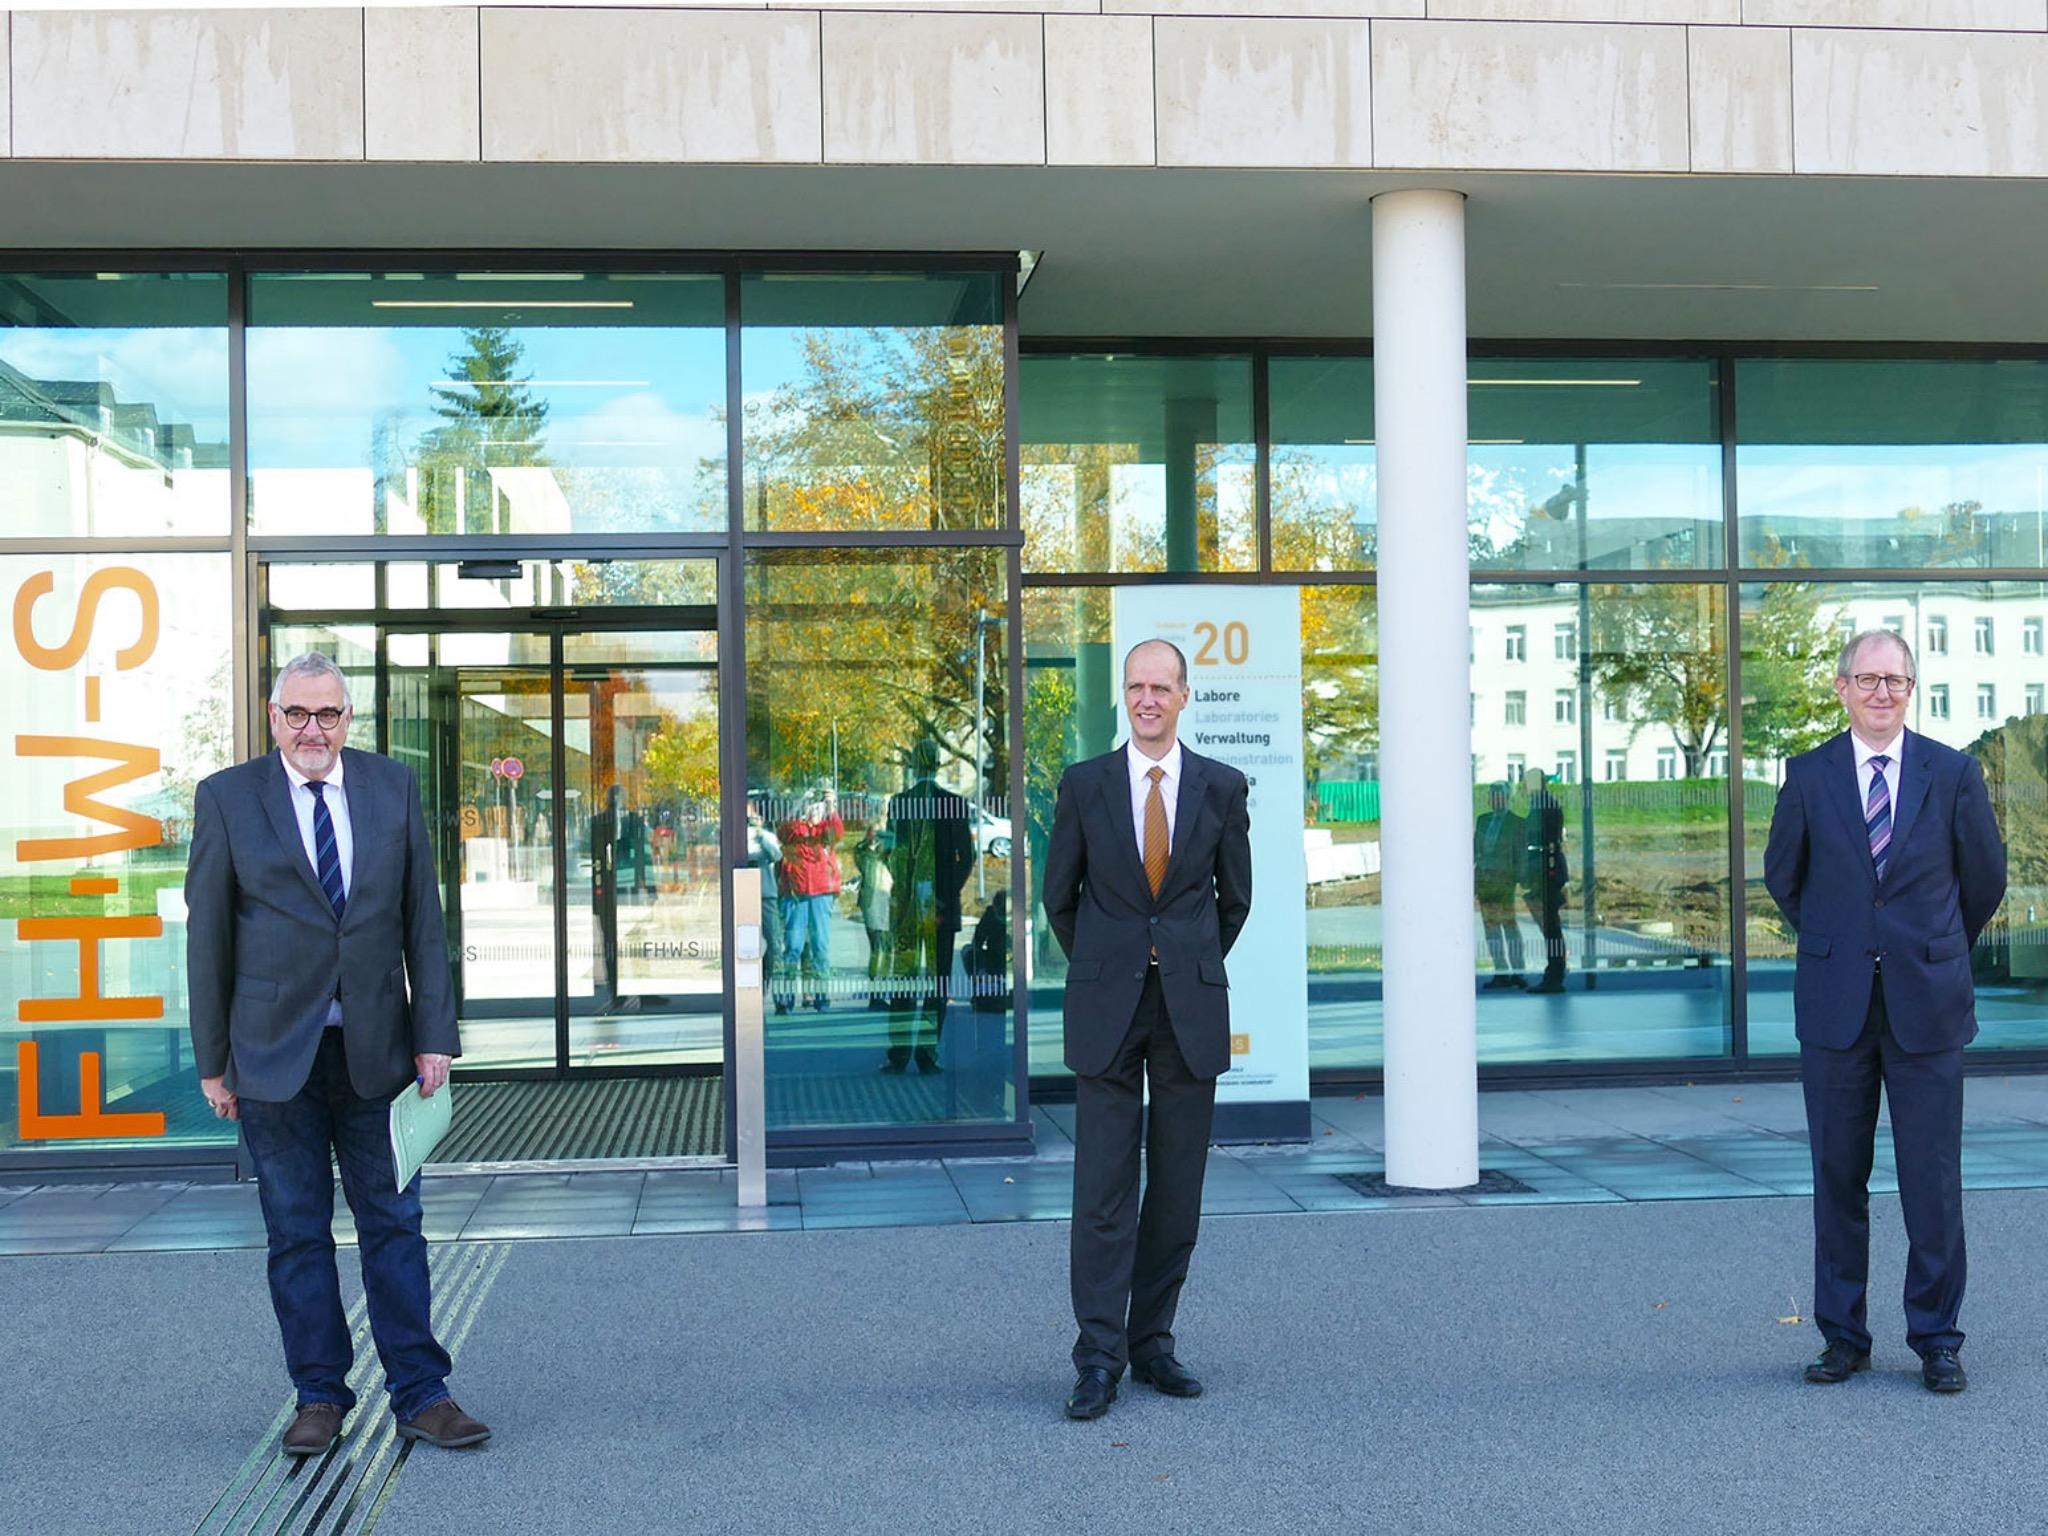 Gerald Langer, Leiter des Bereichs Hochbau des Staatlichen Bauamts Schweinfurt, Dr. Robert Grebner, der Dekan der Fakultät Wirtschaftsingenieurwesen sowie Professor Dr. Peter Meyer. Foto: FHWS